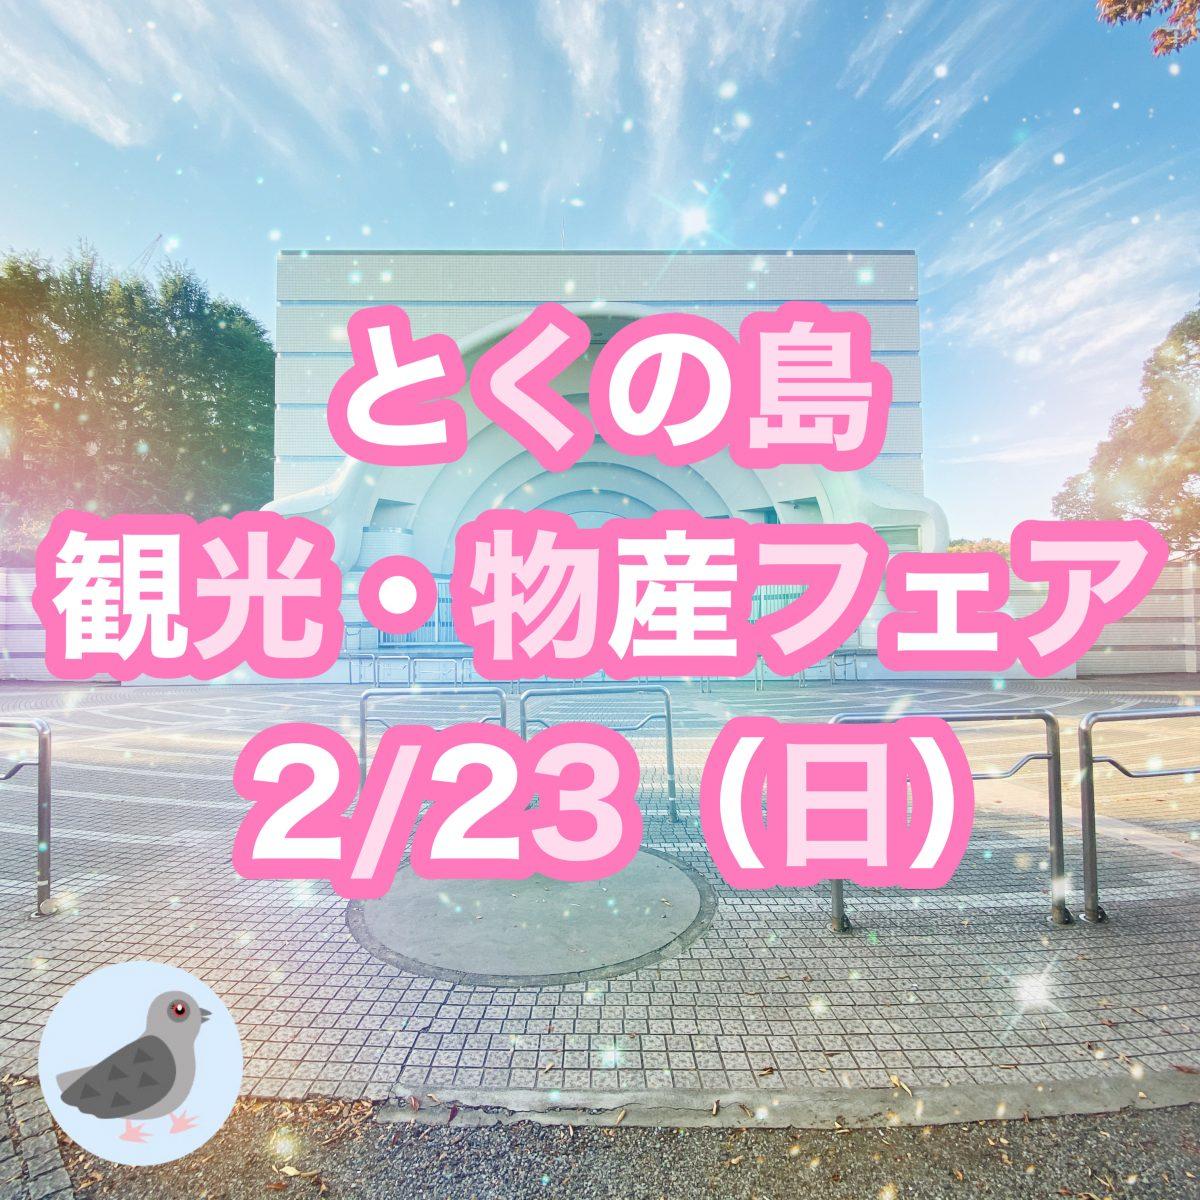 【徳之島フェア】とくの島観光・物産フェア in 東京 ~徳之島から「春一番」~